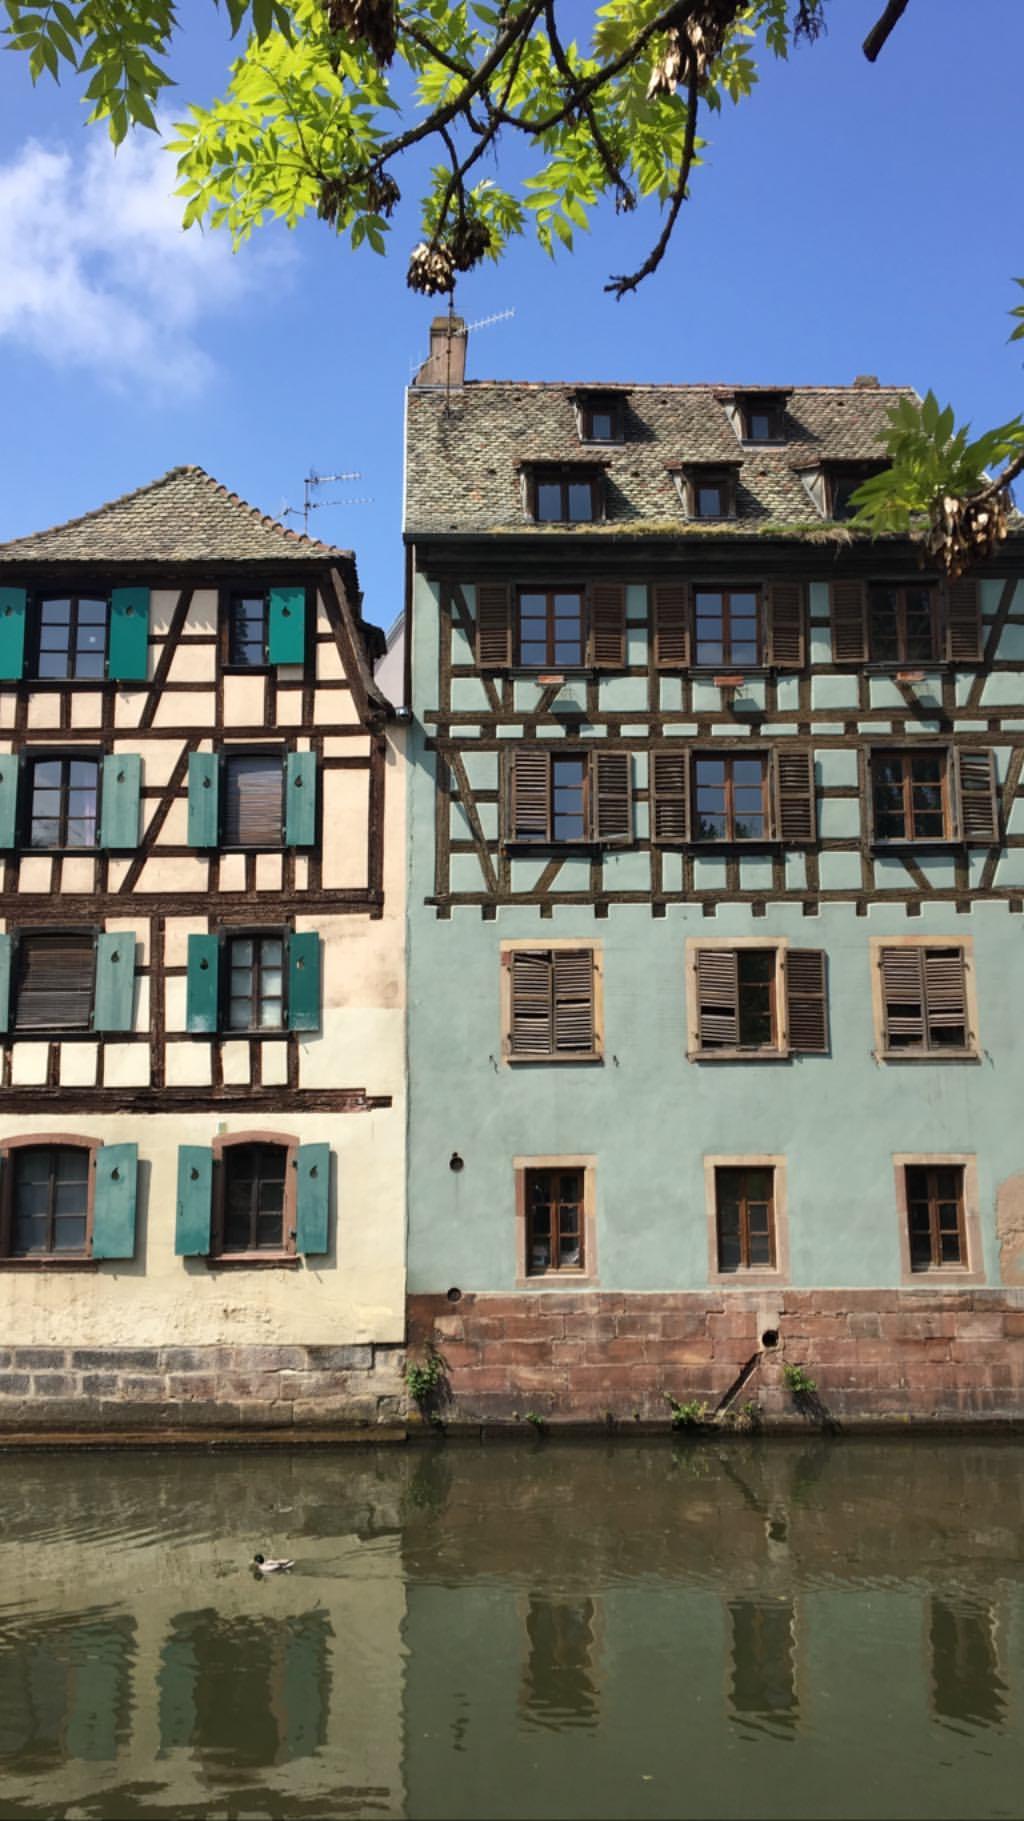 qué hacer en Francia - Estrasburgo 5